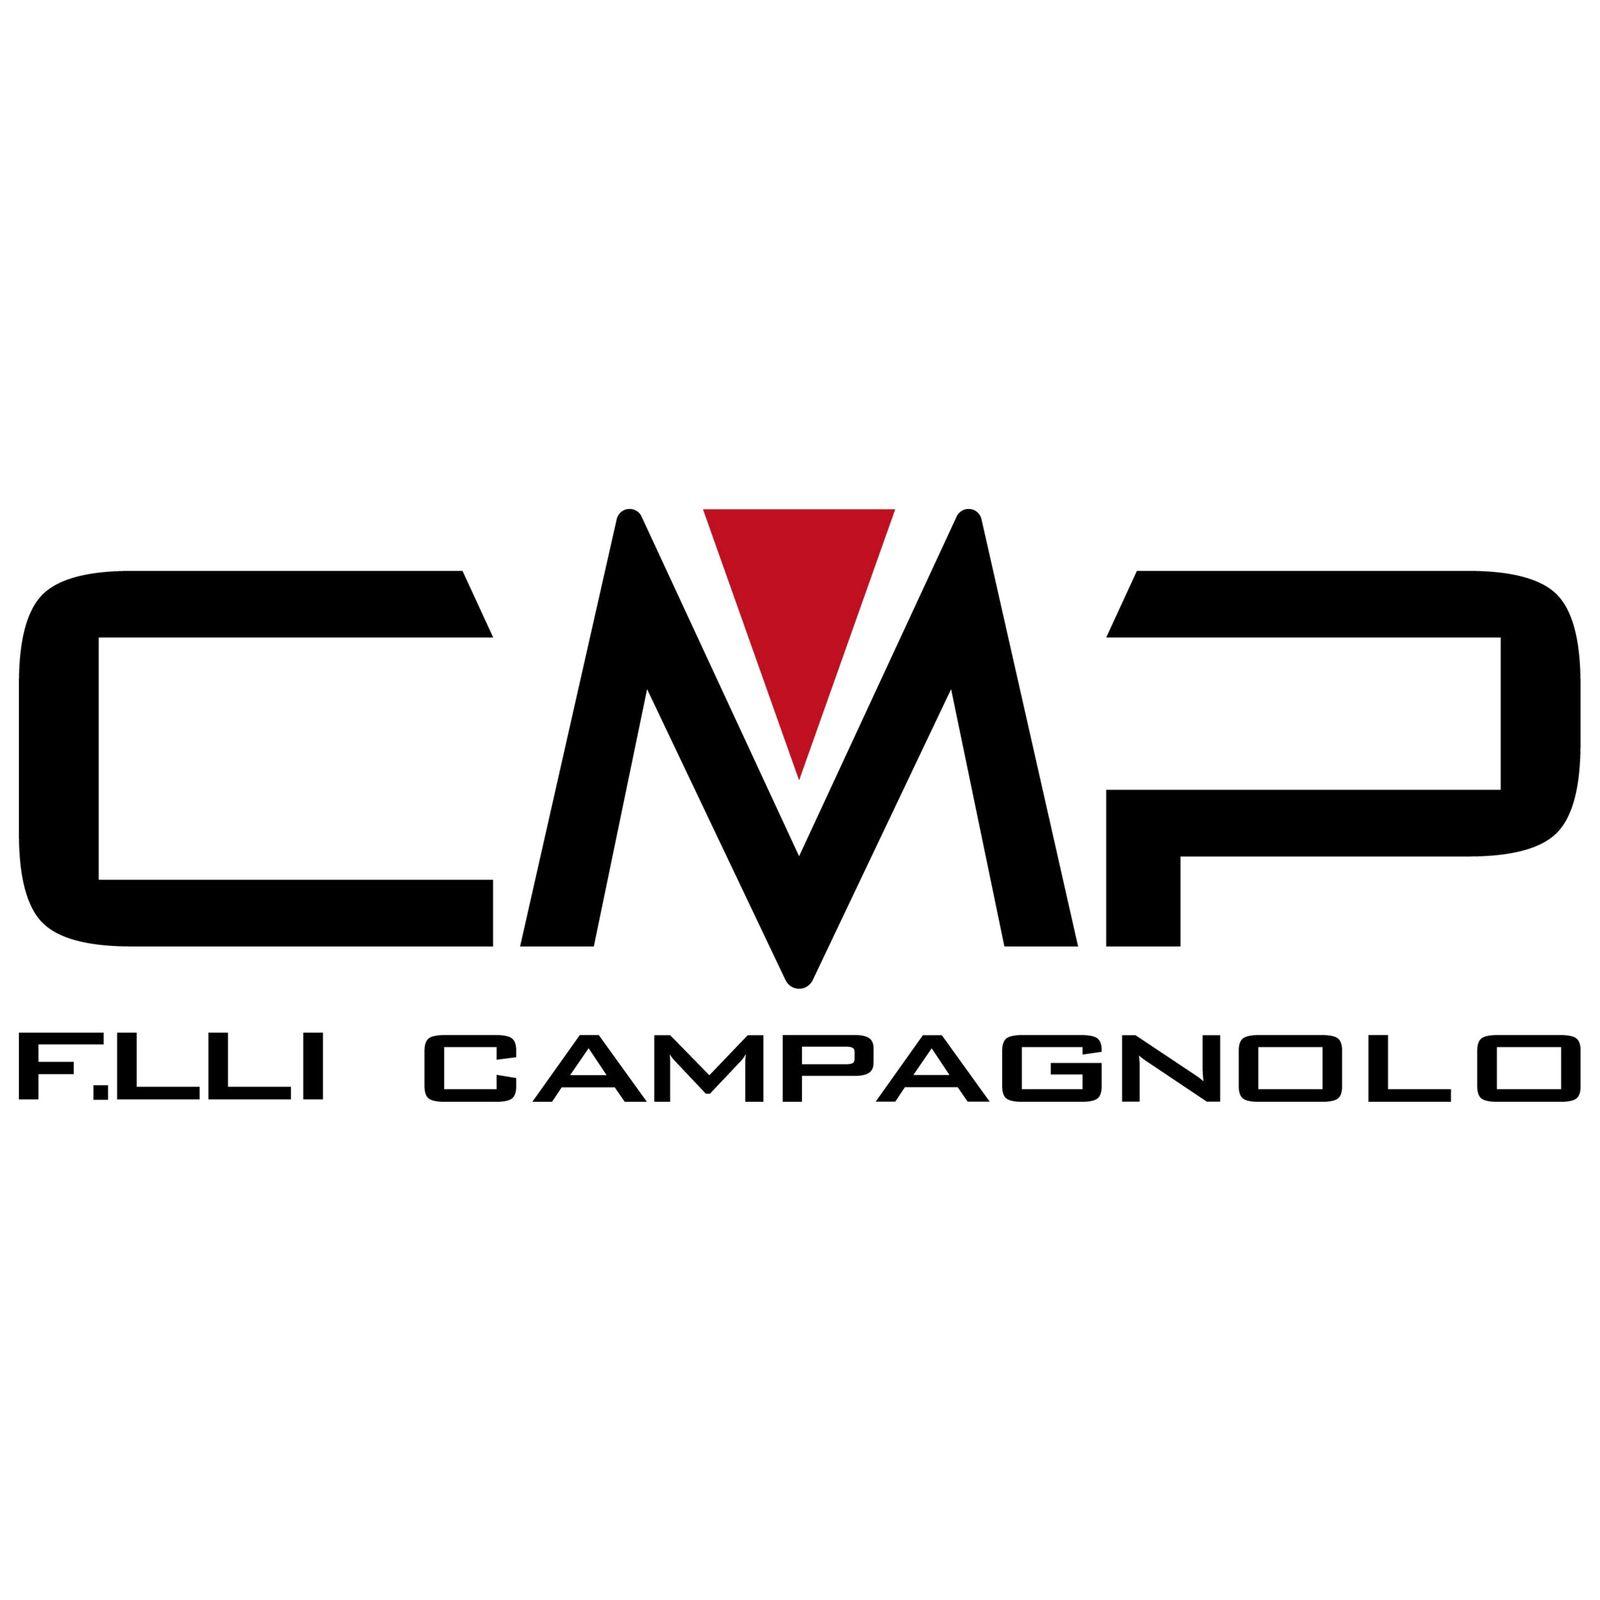 CMP FRATELLI CAMPAGNOLO